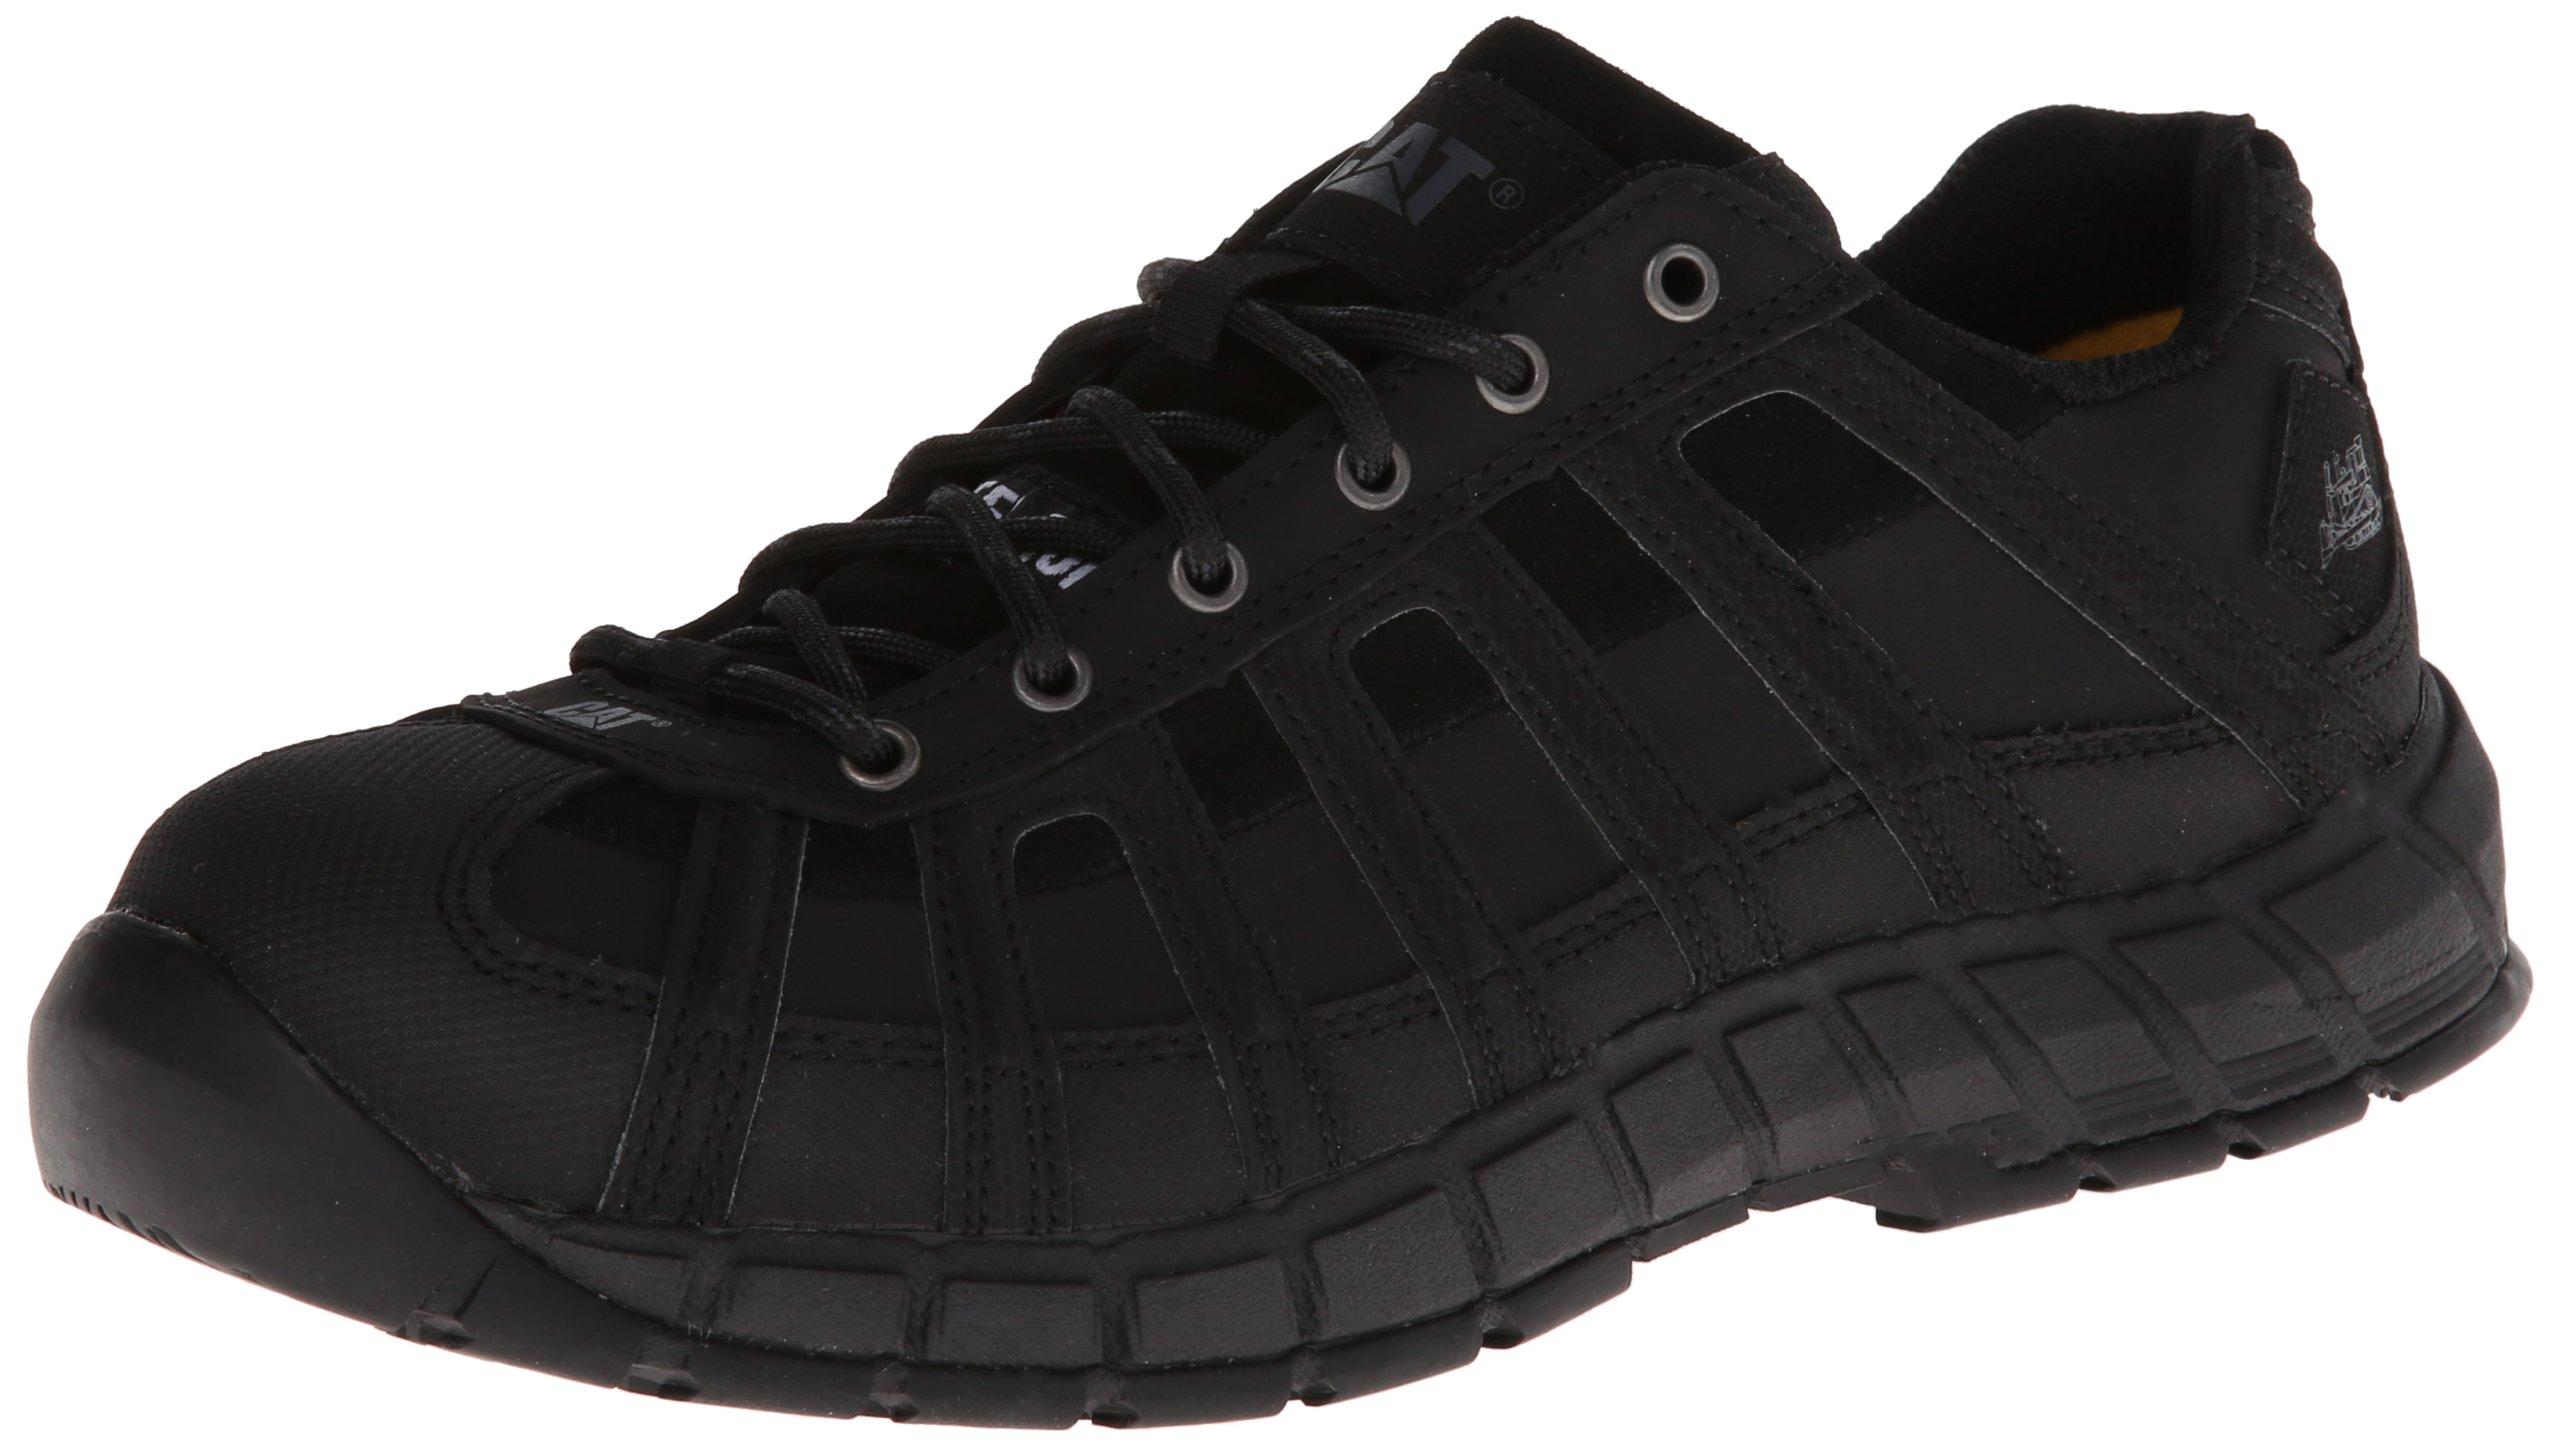 Caterpillar Women's Switch Steel Toe-W, Black, 8 M US